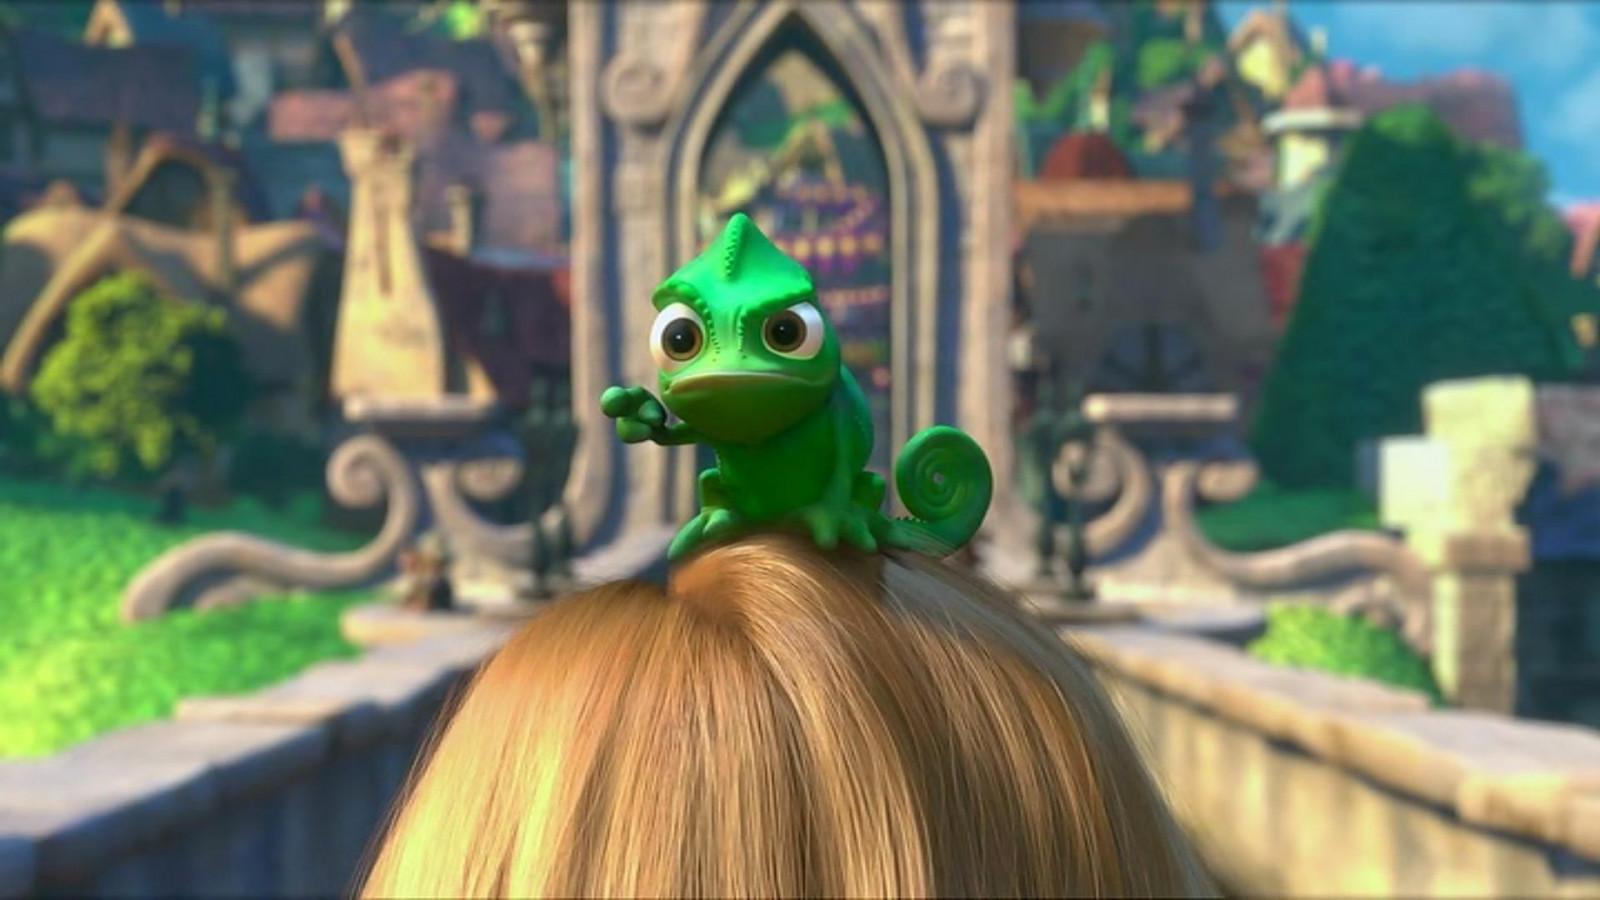 Fond d'écran : 1920x1080 px, Disney, films, Rapunzel, Emmêlé 1920x1080 - wallhaven - 1040876 ...